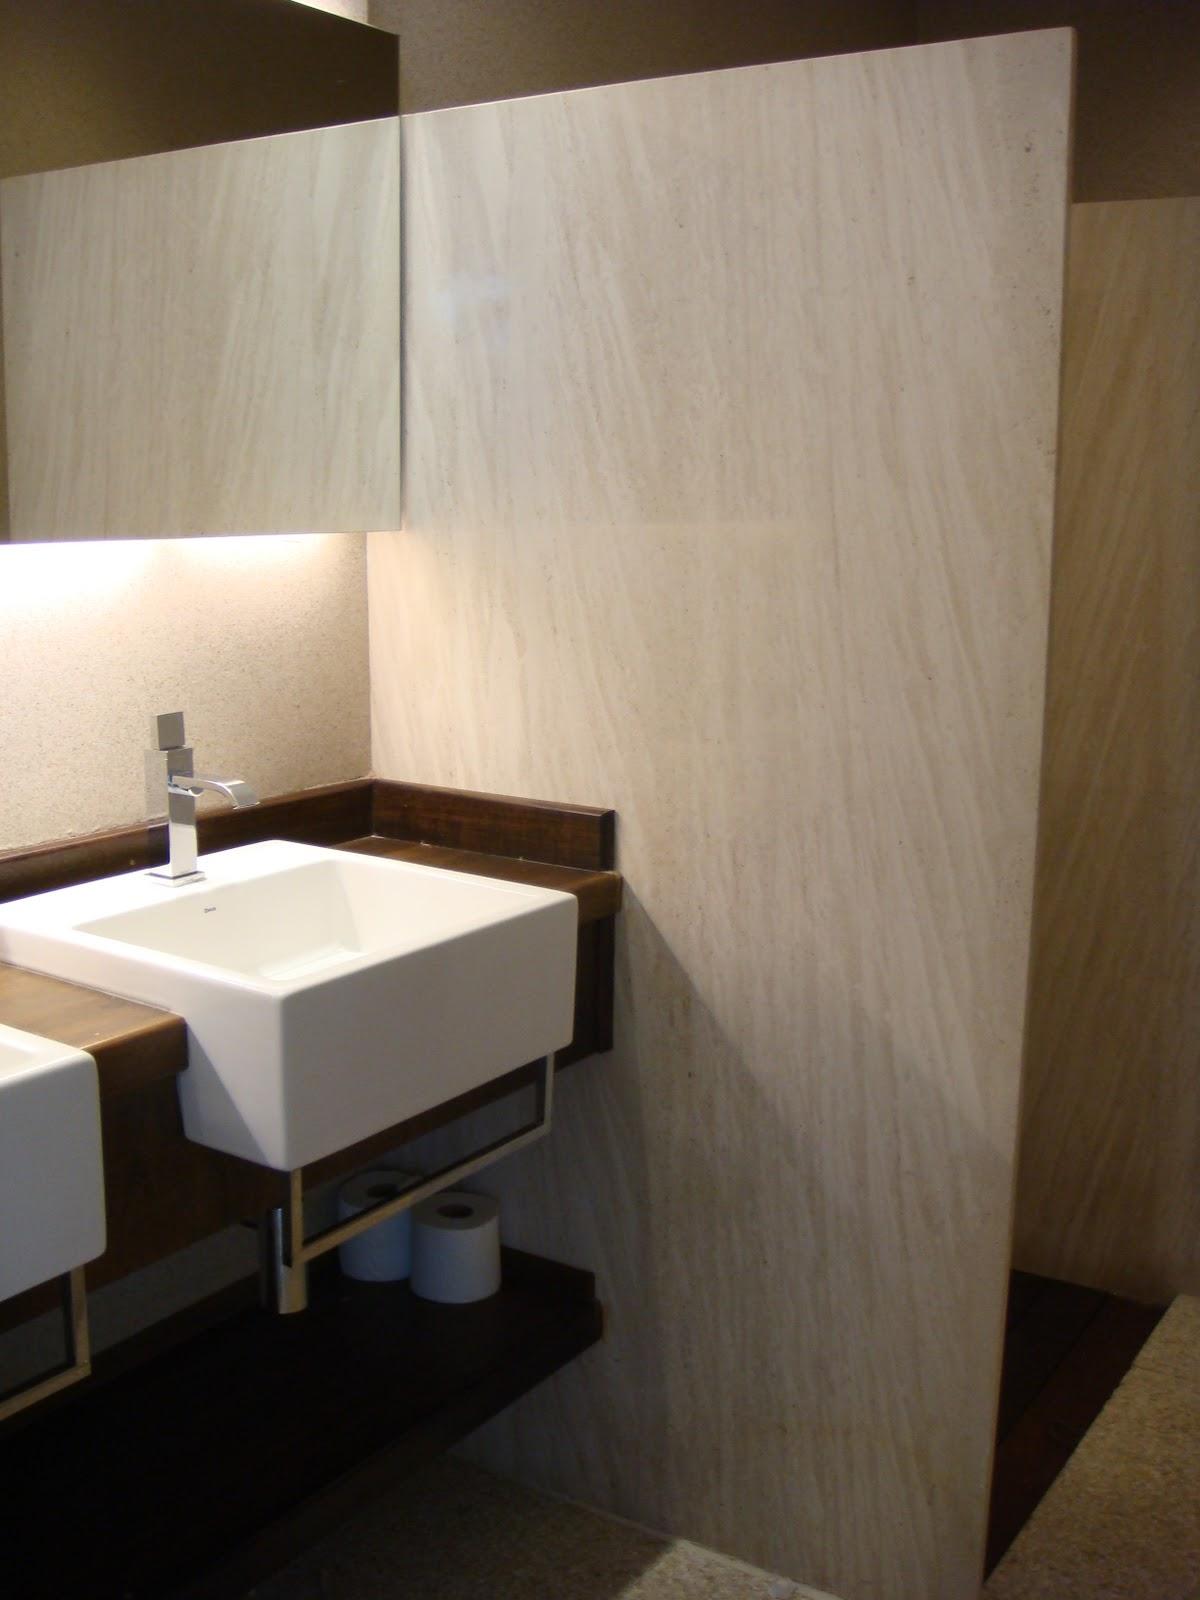 Detalhe do banheiro com bancada em madeira fulget nas paredes e  #876A44 1200x1600 Bancada Banheiro Limestone